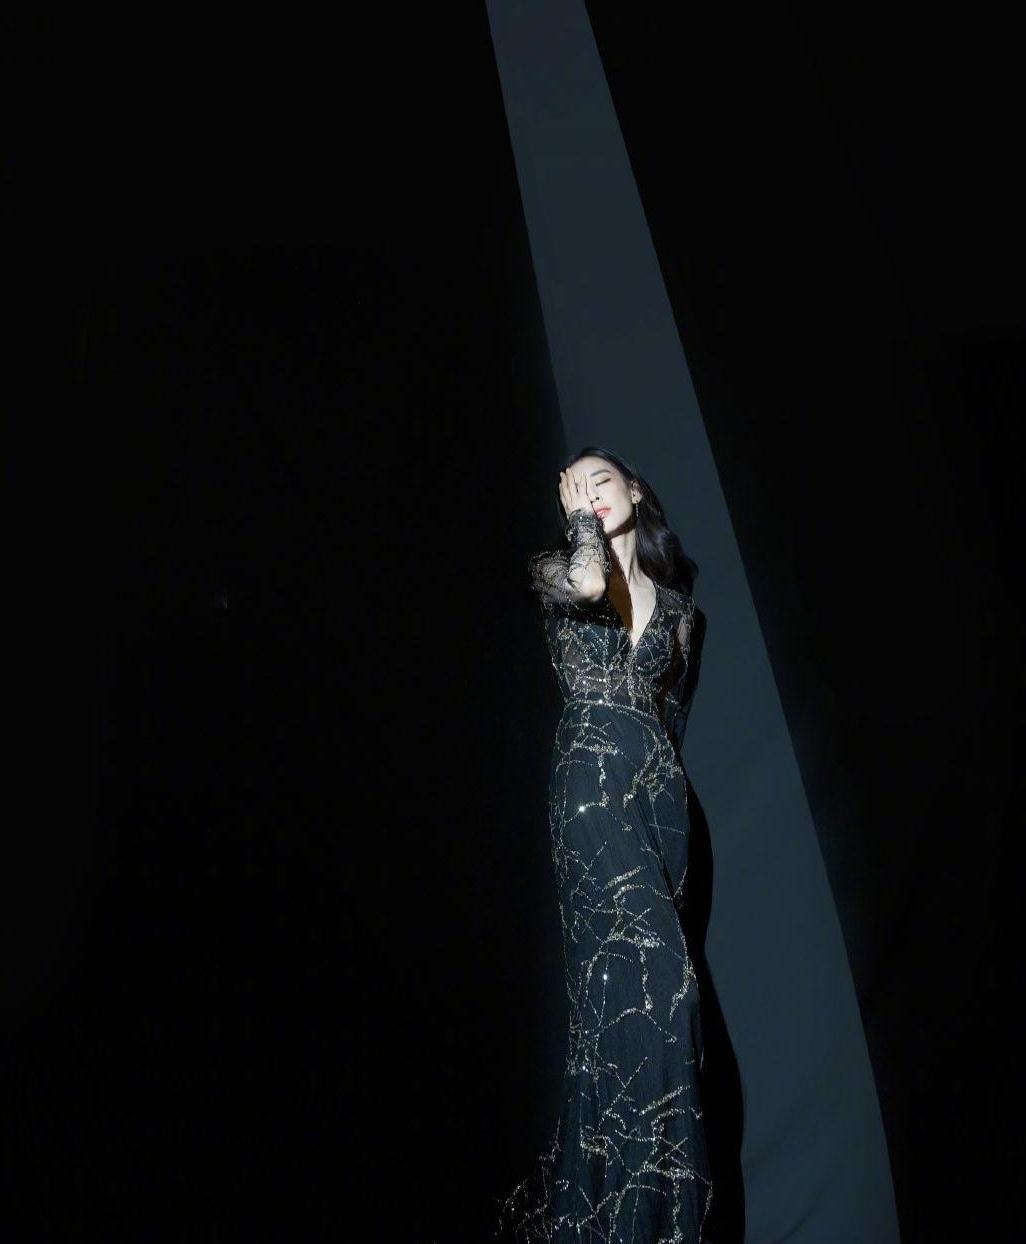 阔太黄圣依终于有明星样了,穿金丝线黑底修身长裙,尽显优雅姿态